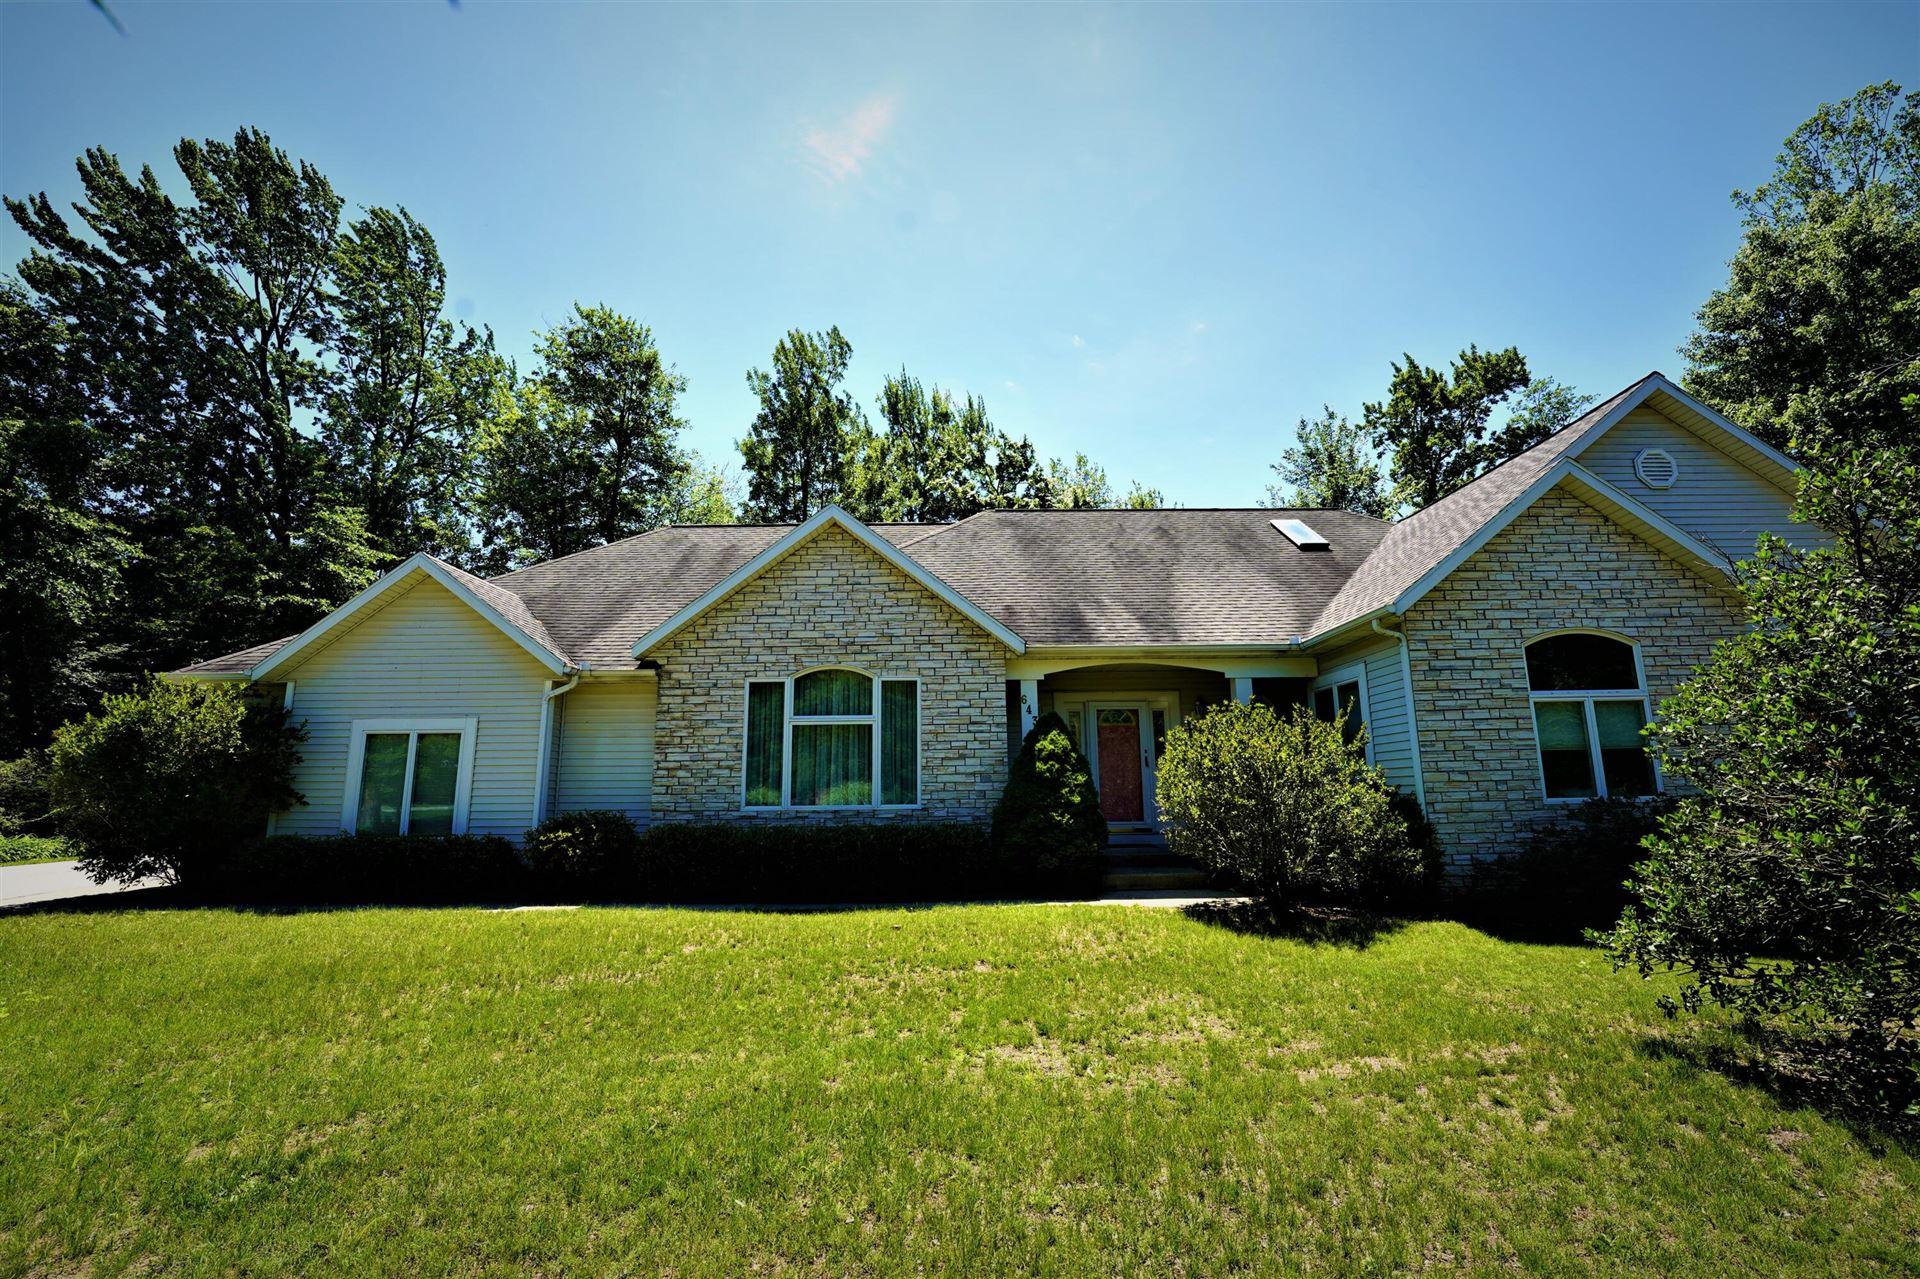 643 Ranch Drive, Norton Shores, MI 49441 - MLS#: 21022504